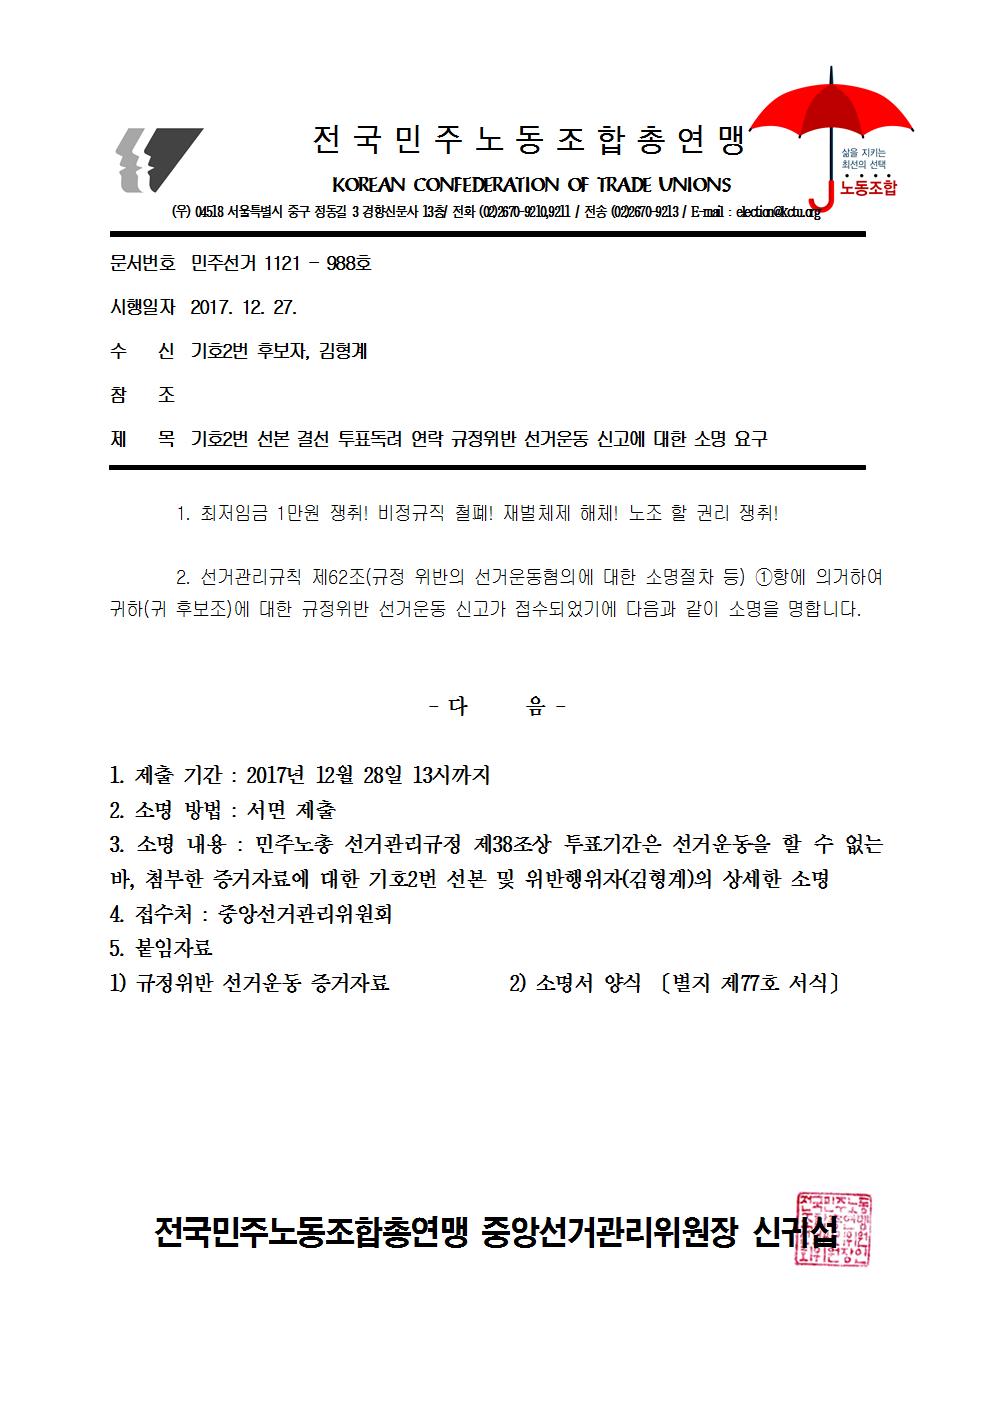 17kctu988_기호2번 선본 결선 투표독려 연락 규정위반 선거운동 신고에 대한 소명 요구001.png